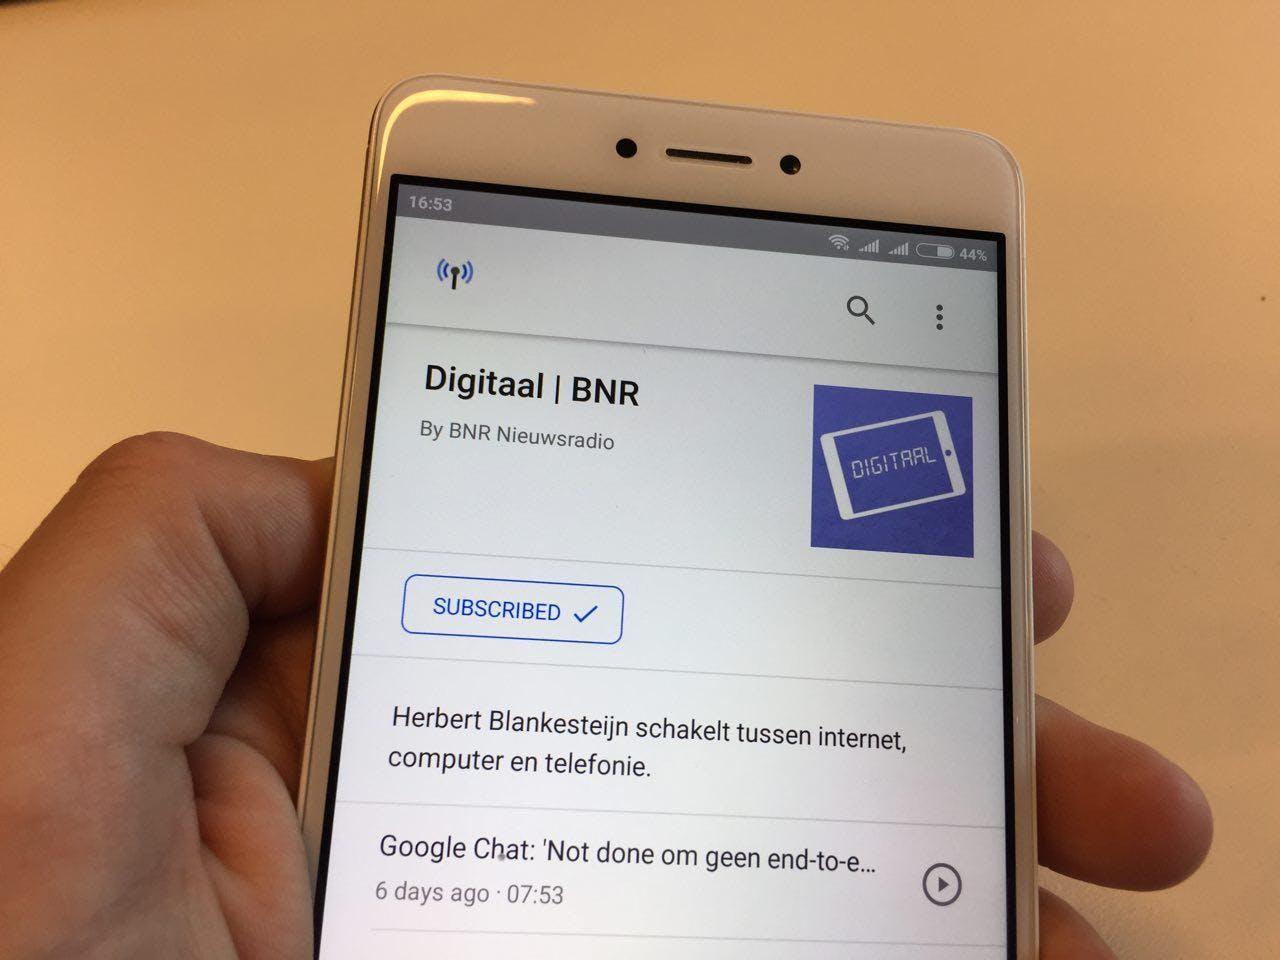 De podcast van BNR Digitaal in de podcasts-webapp van Android